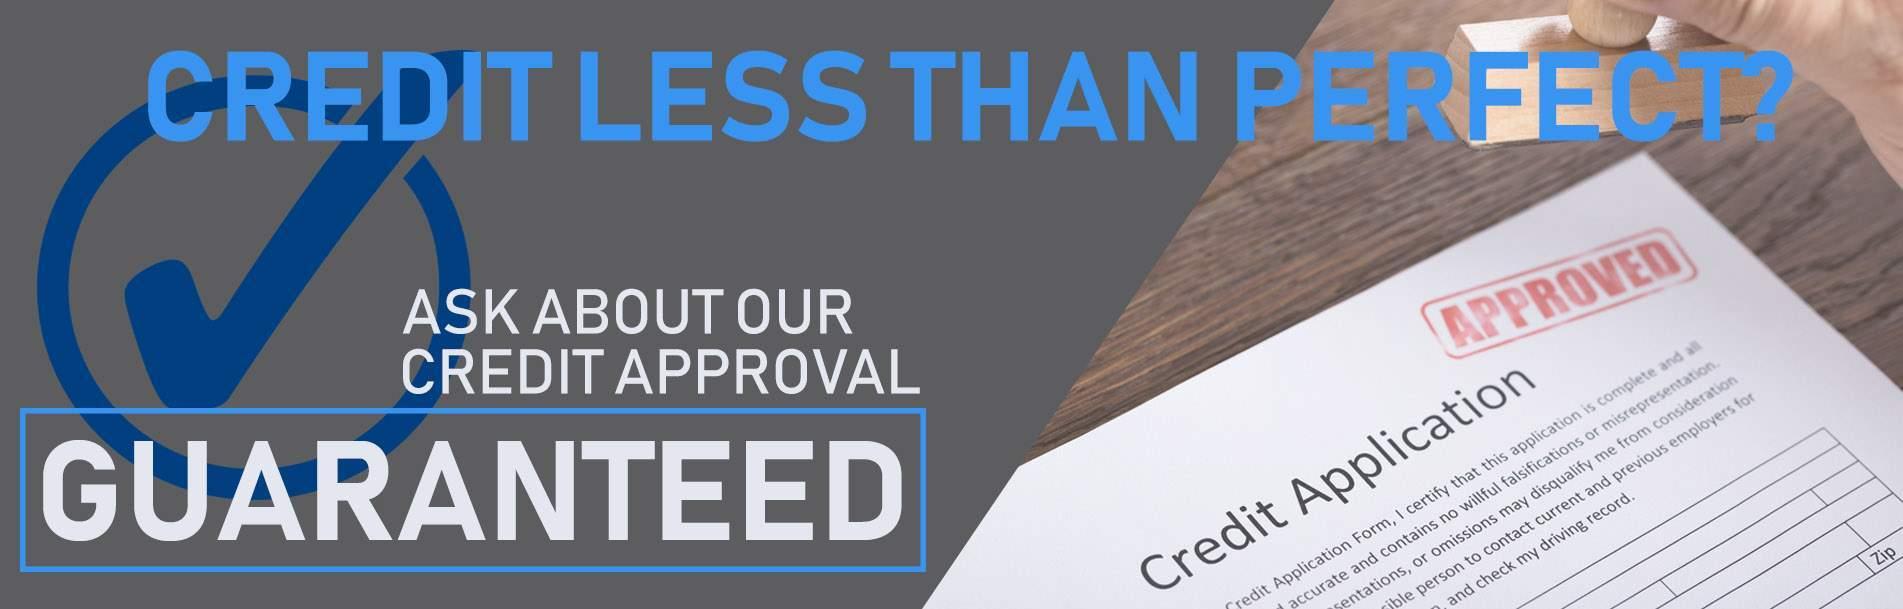 Cdndscommediawszcreditappro - Ford dealerships mn